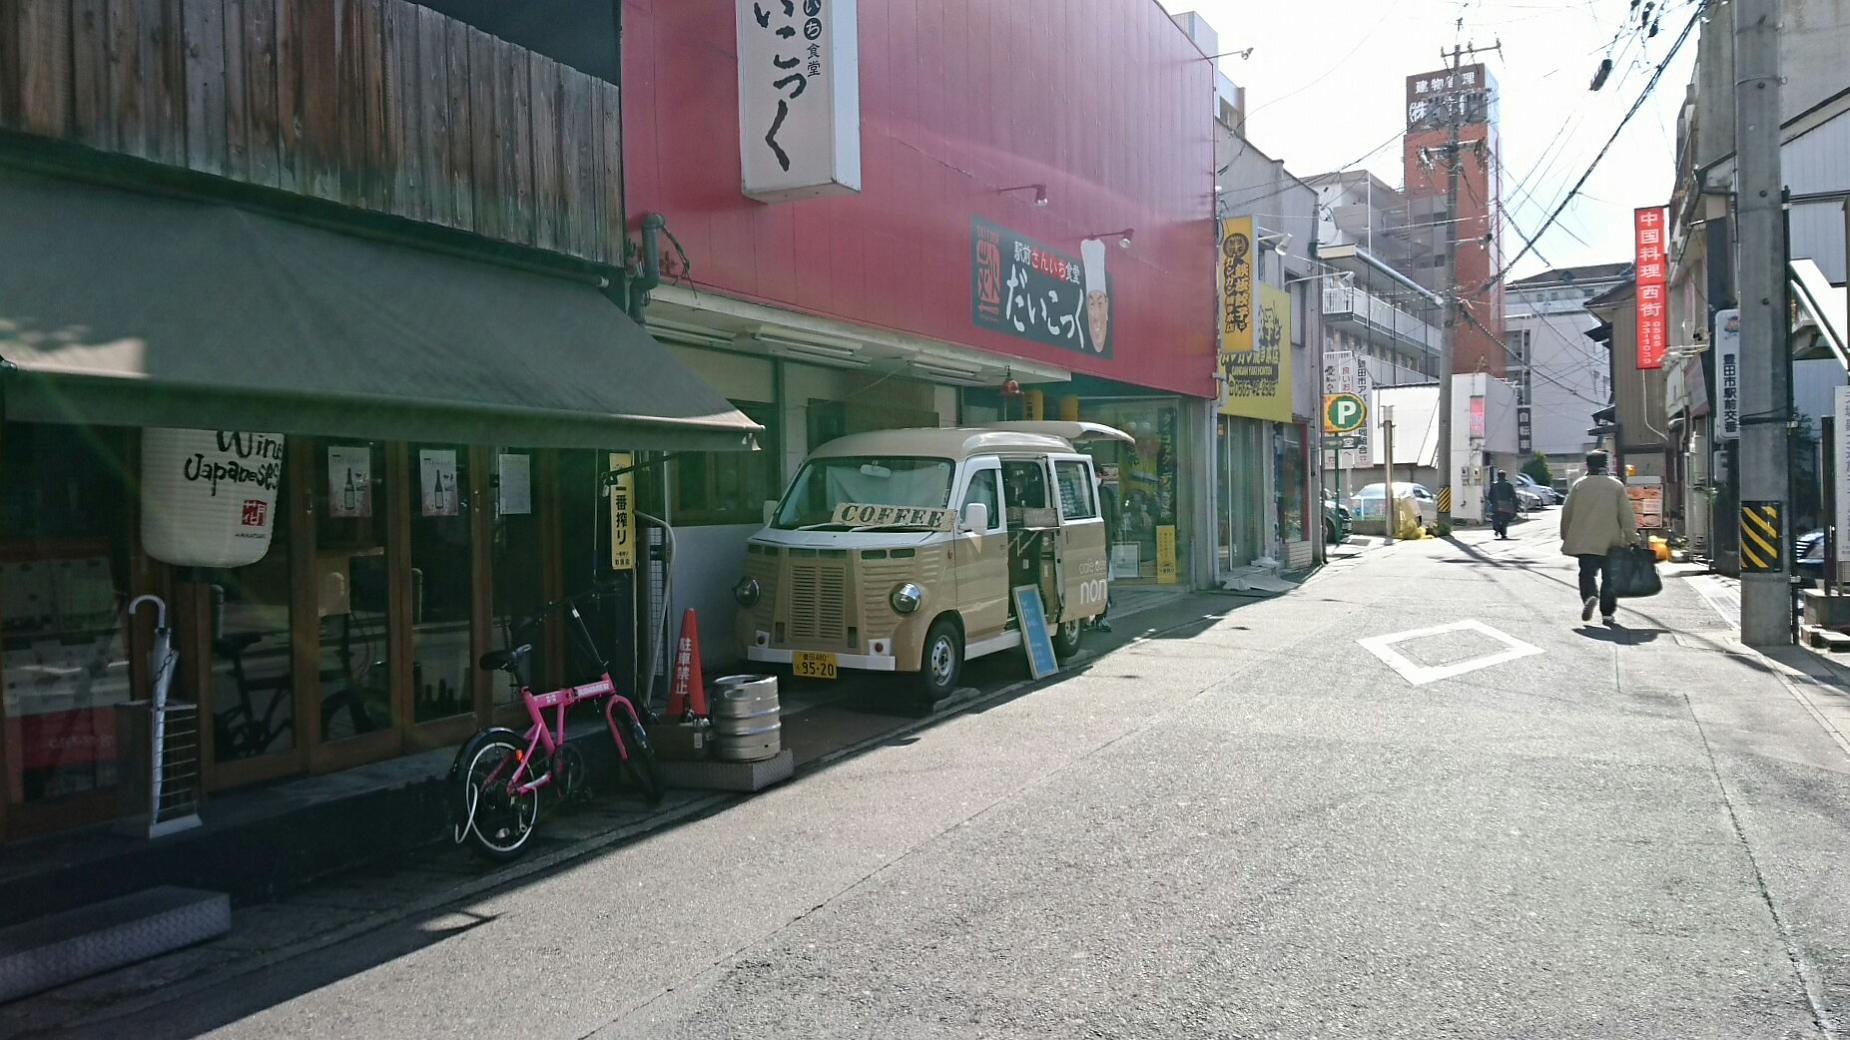 2017.2.10 (1-1) だいこっくとのんちゃんのカフェバス 1850-1040